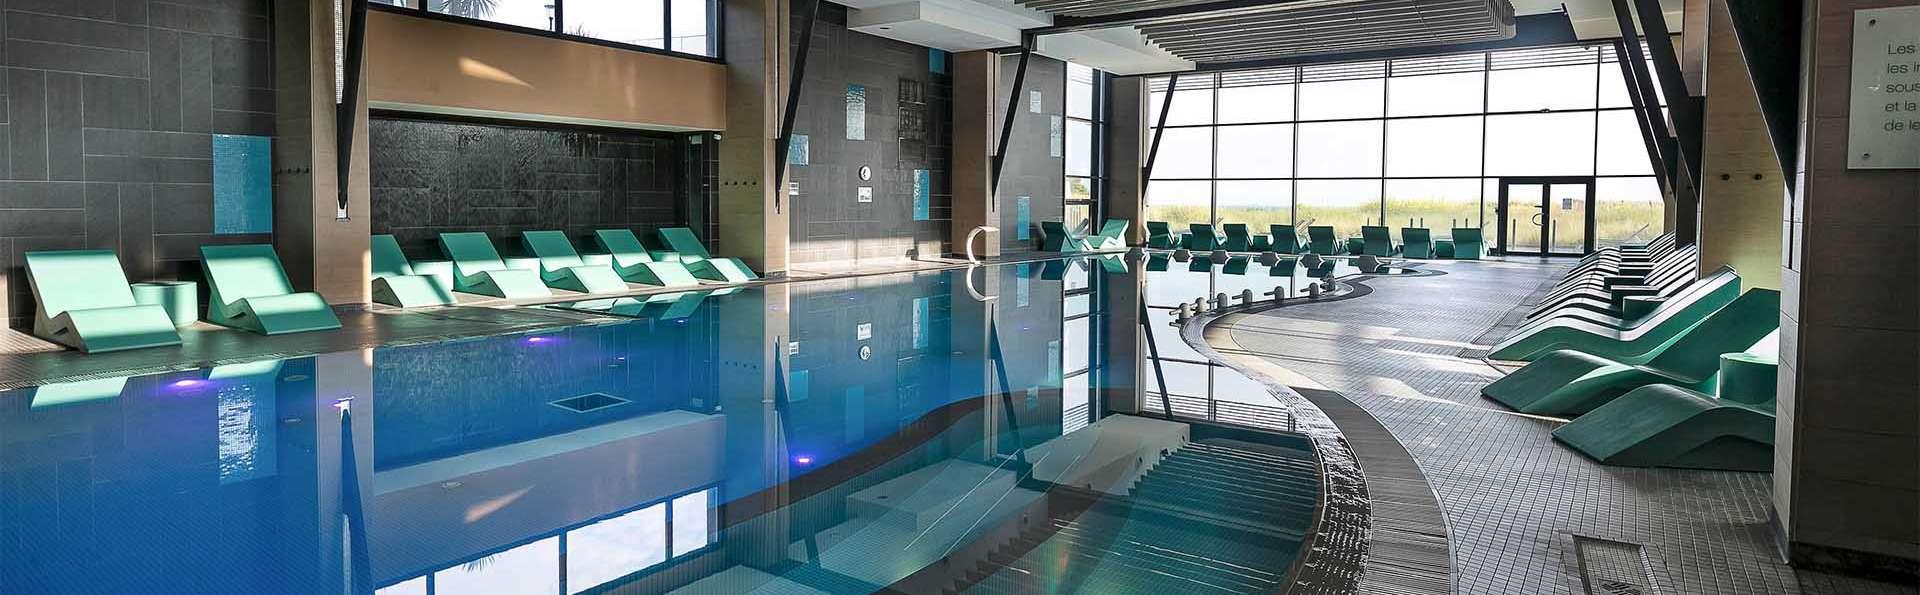 Hôtel les bains de Cabourg & Spa by Thalazur - EDIT_POOL_07.jpg